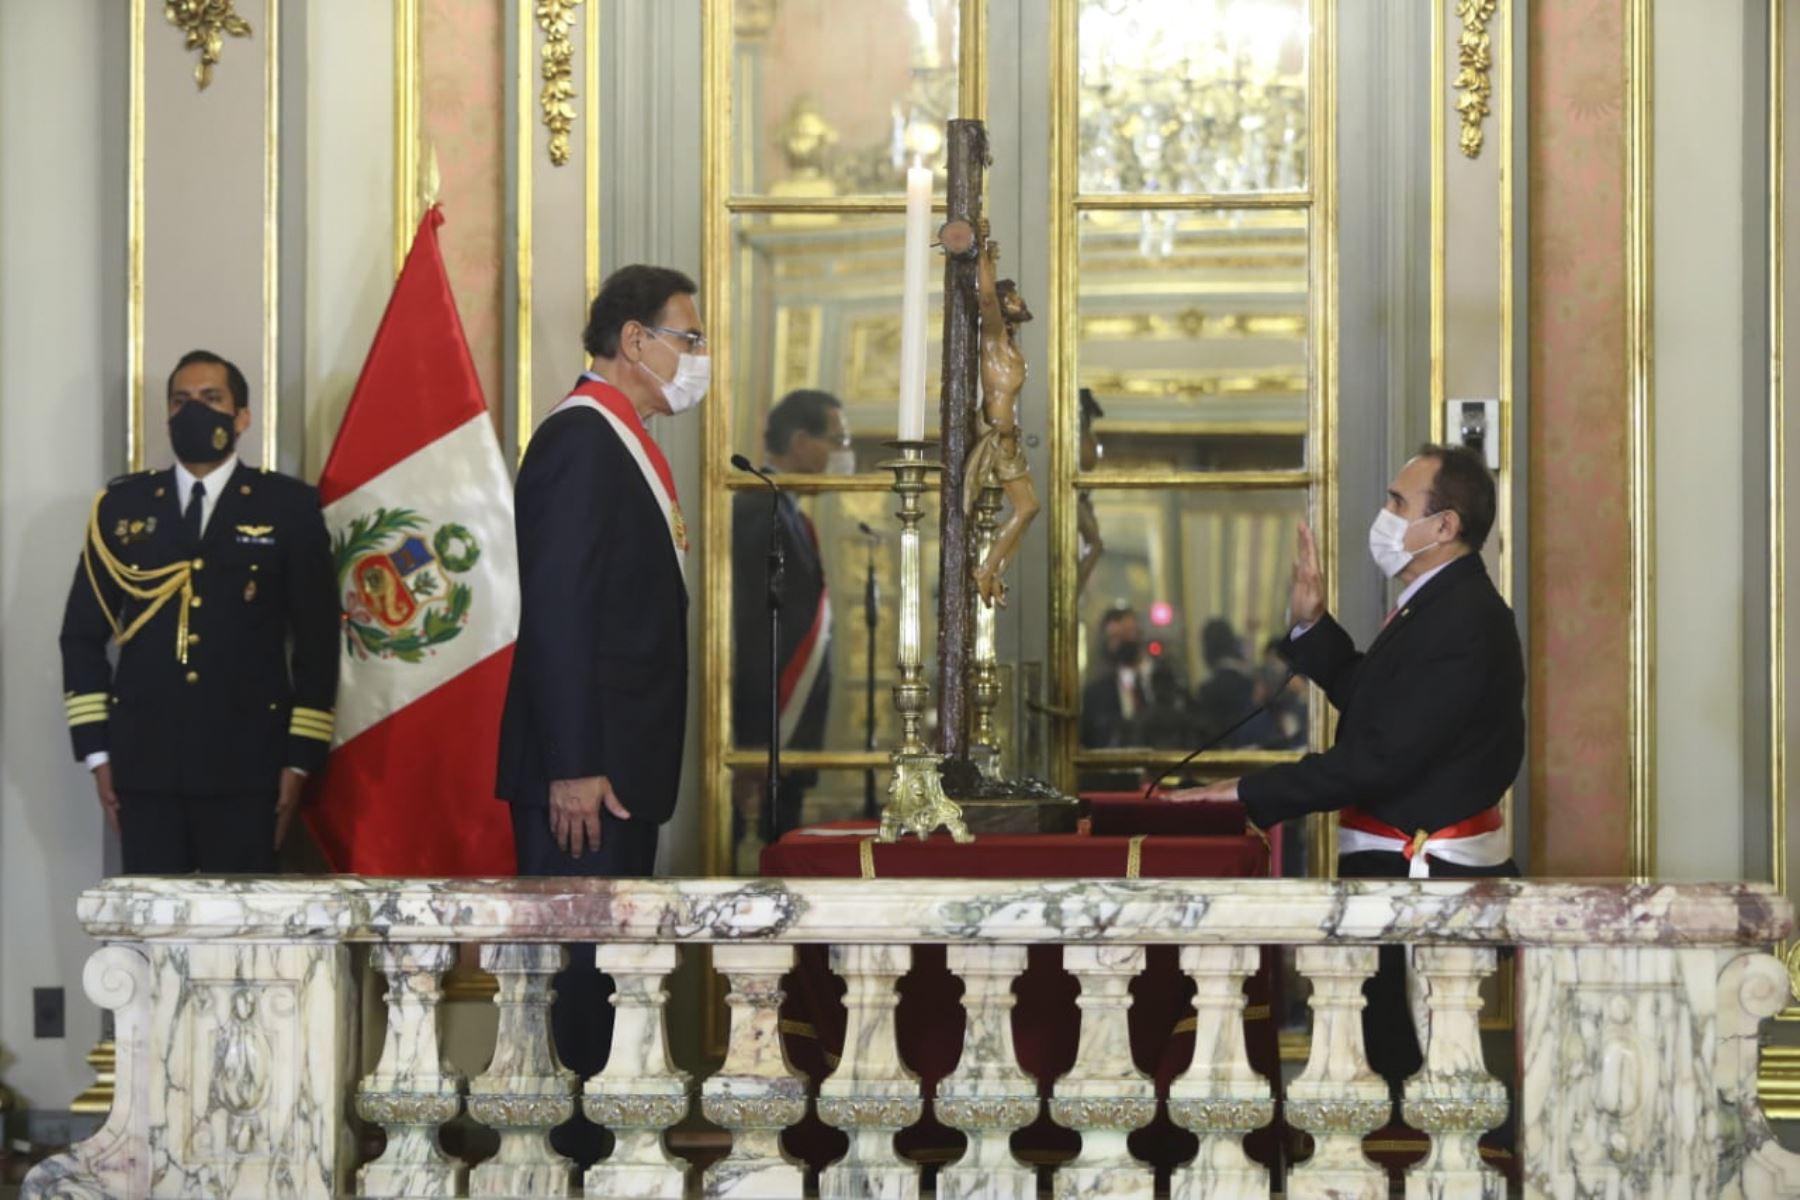 El presidente de la República, Martín Vizcarra, toma juramento a Carlos Estremadoyro Mory como ministro de transportes y comunicaciones. Foto: ANDINA/ Prensa Presidencia